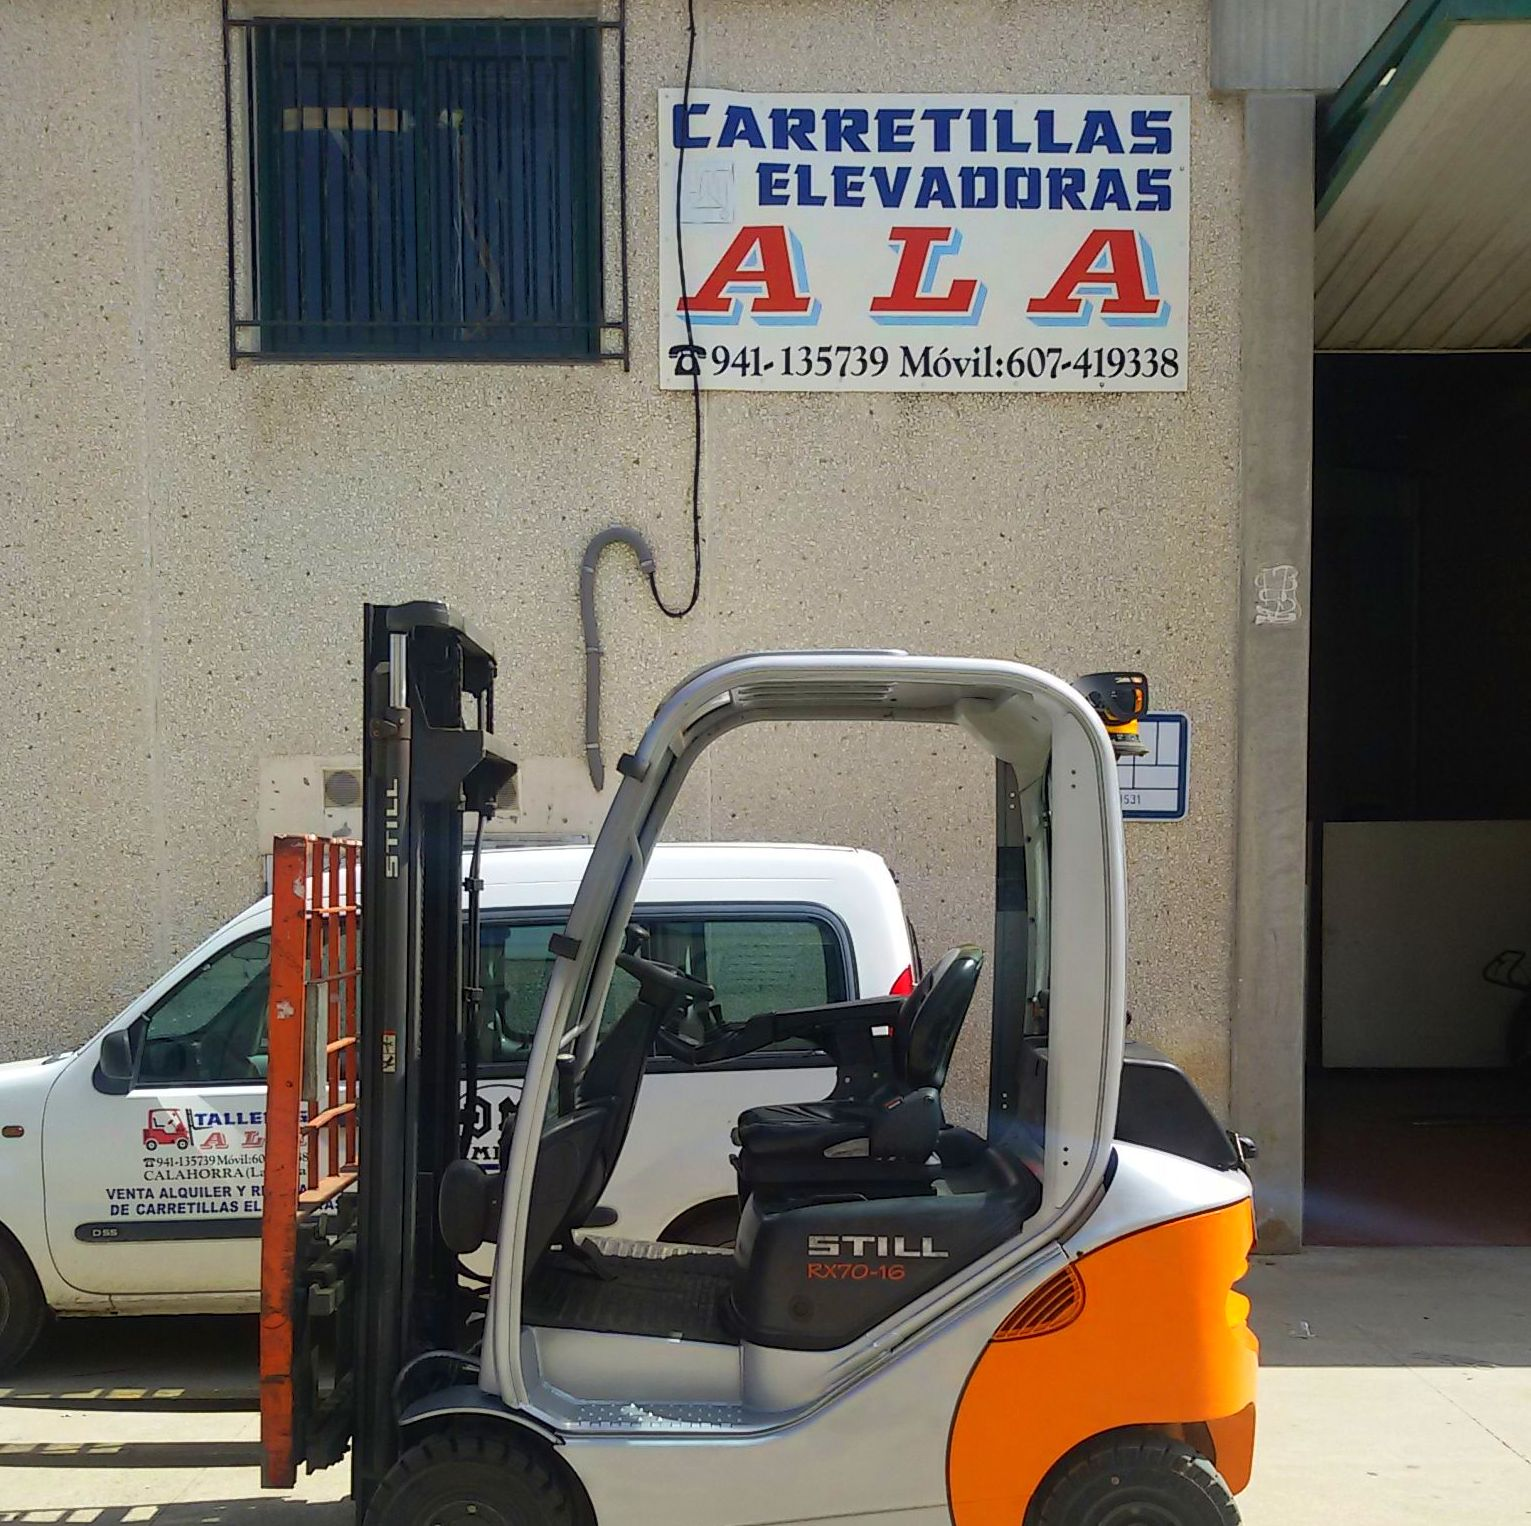 Foto 1 de Carretillas en Calahorra | Carretillas Elevadoras A.L.A., S.L.